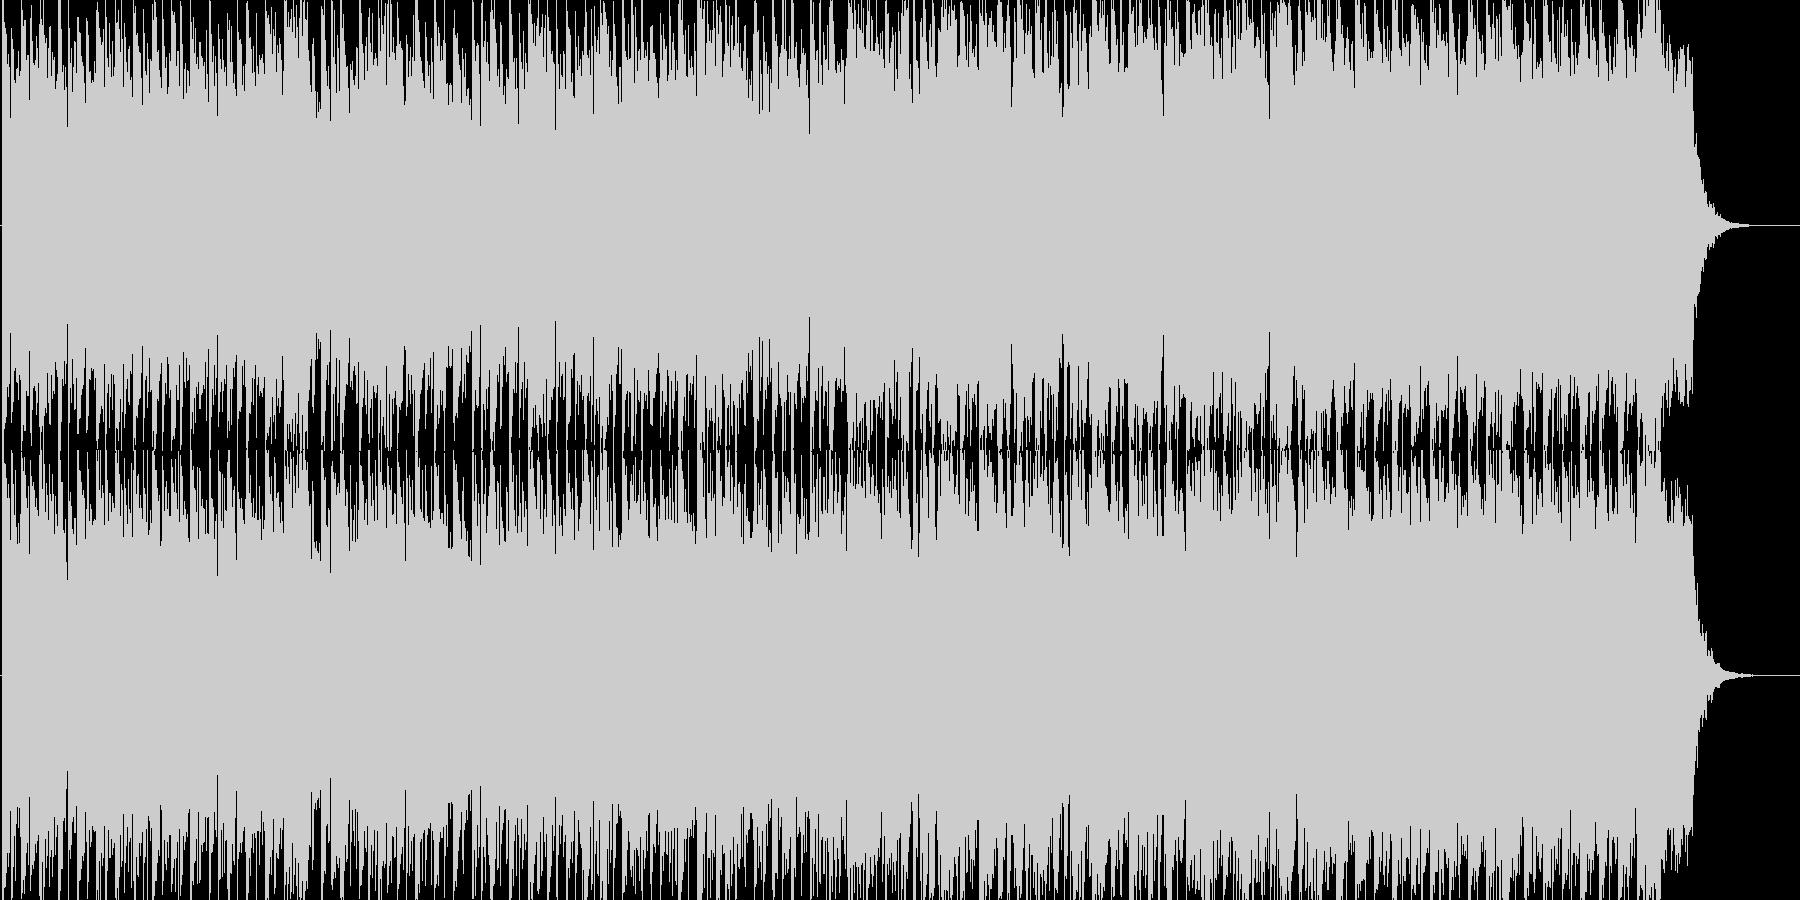 幻想的なテクノサウンドでYMO風の未再生の波形